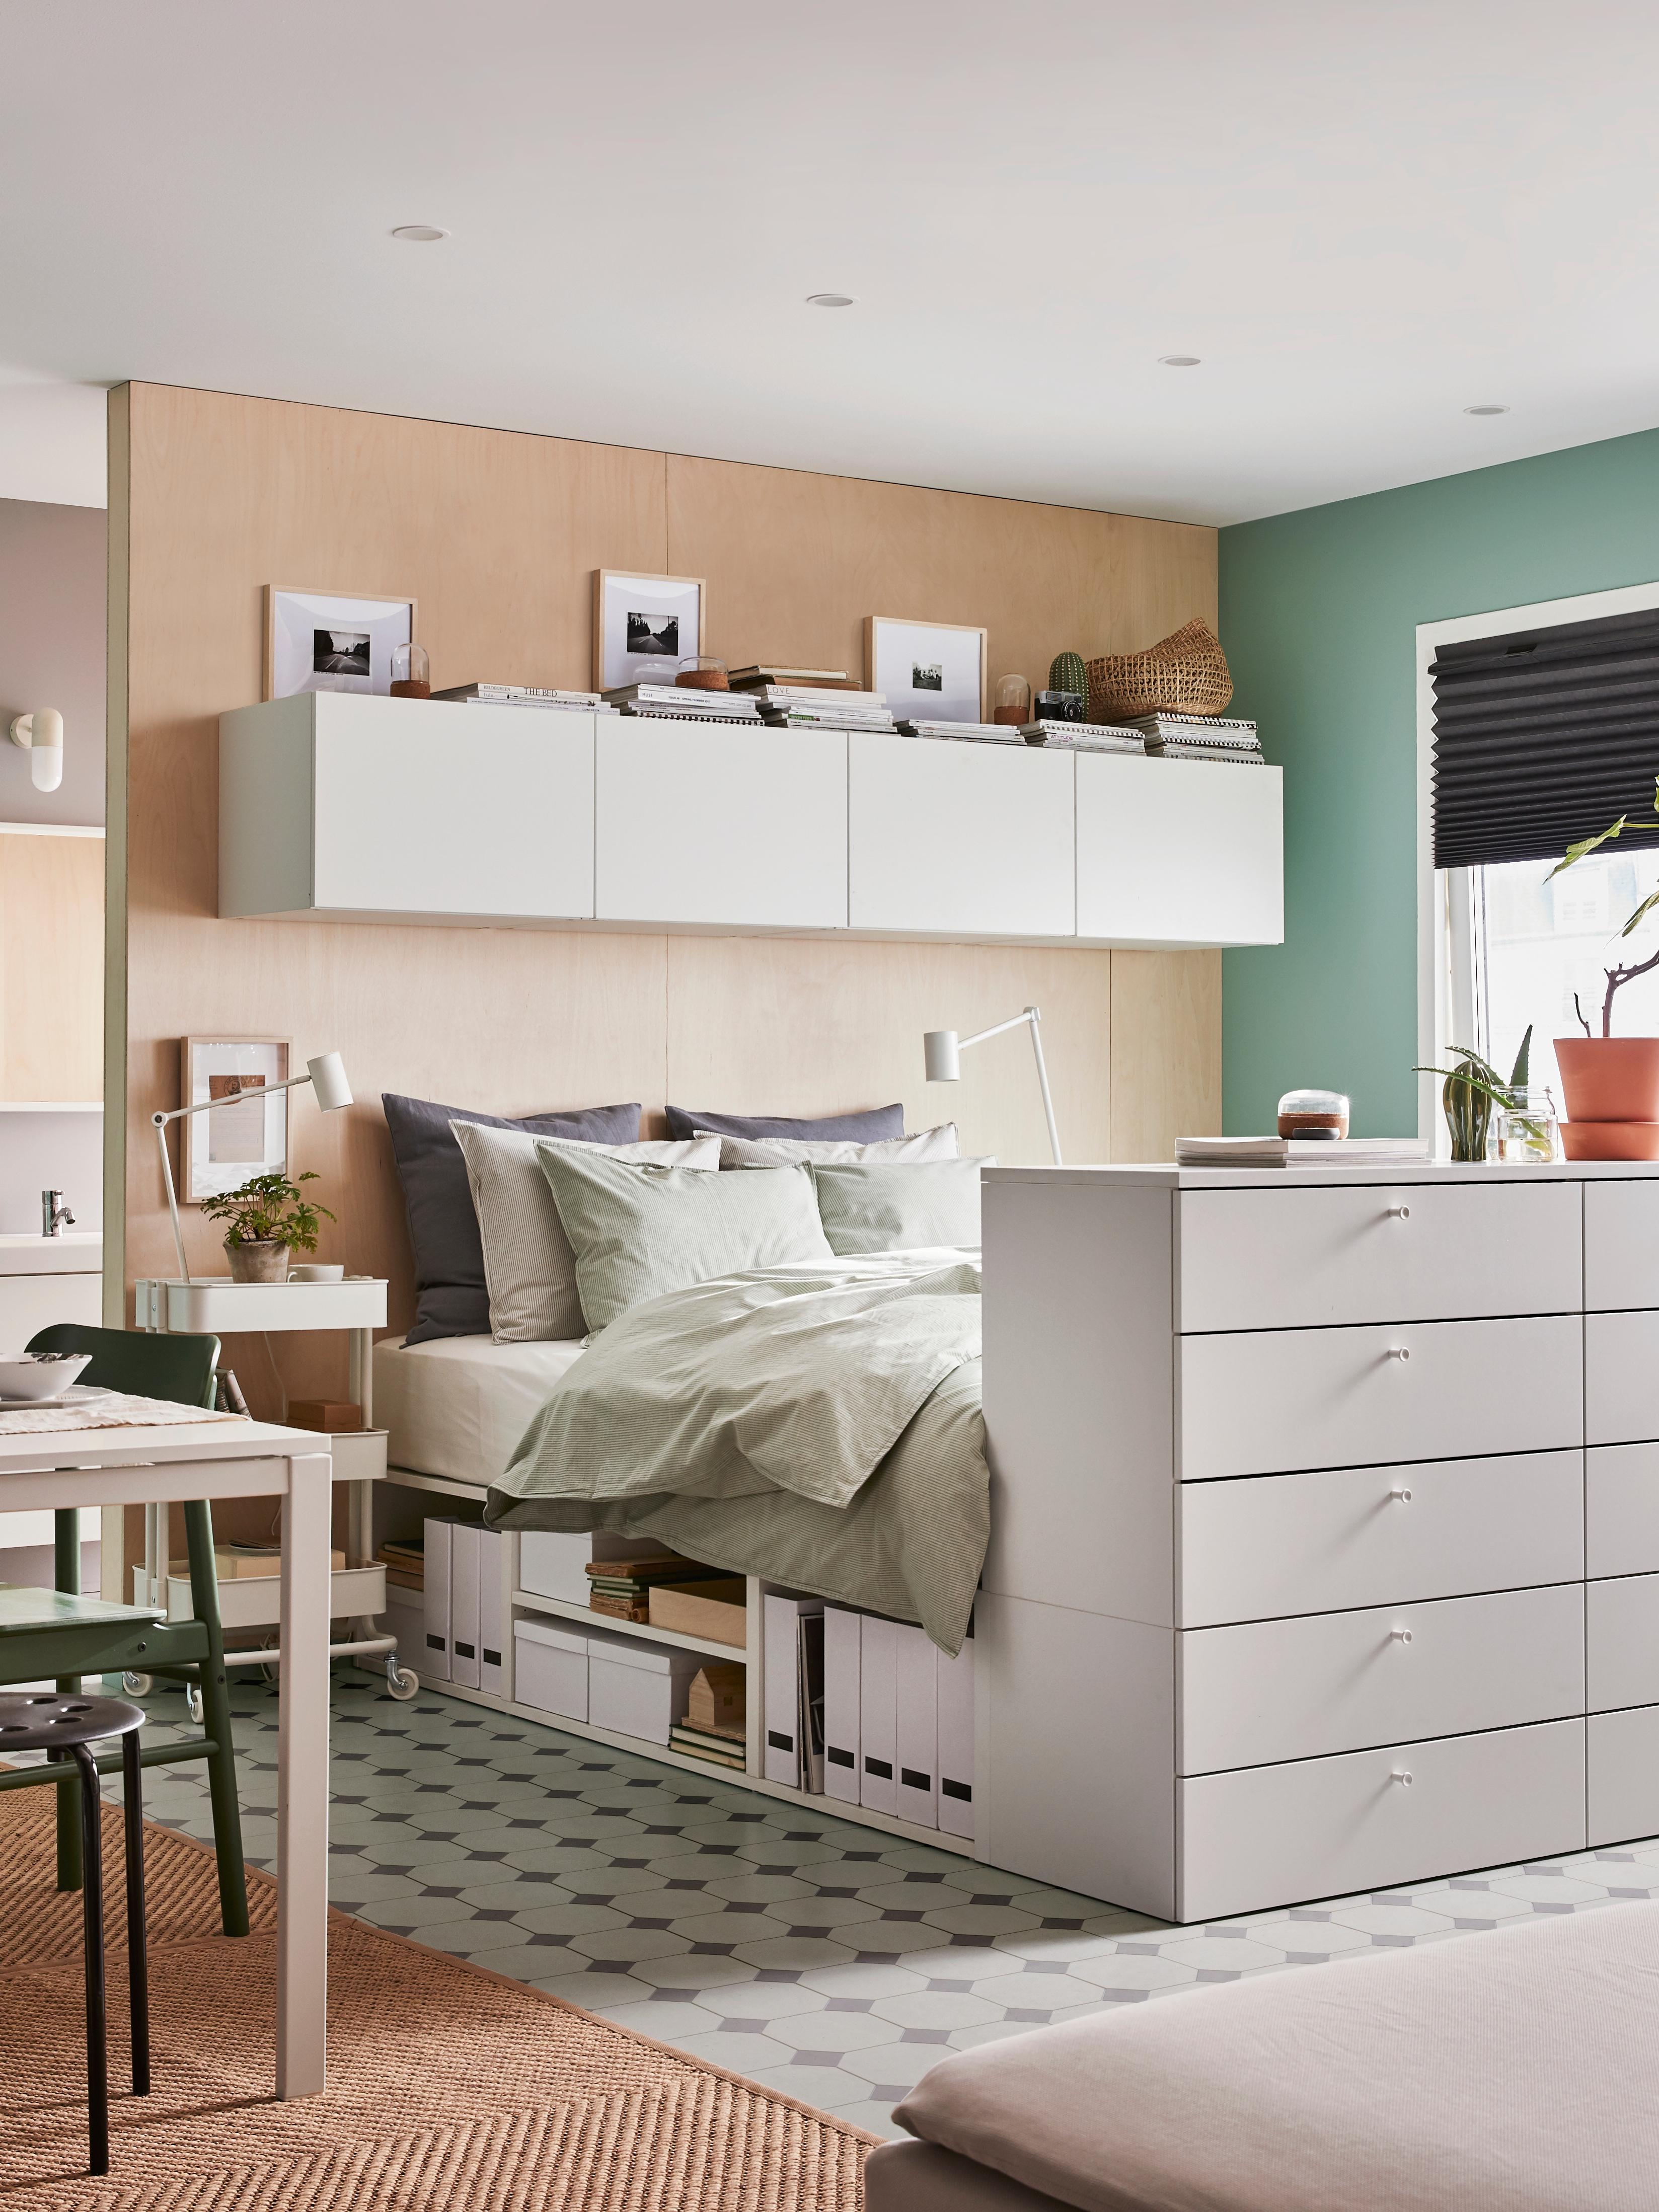 Cadre de lit PLATSA dans une chambre avec une table, sur un sol carrelé. Le lit est fait avec du linge de lit neutre et cache un espace de rangement en dessous.